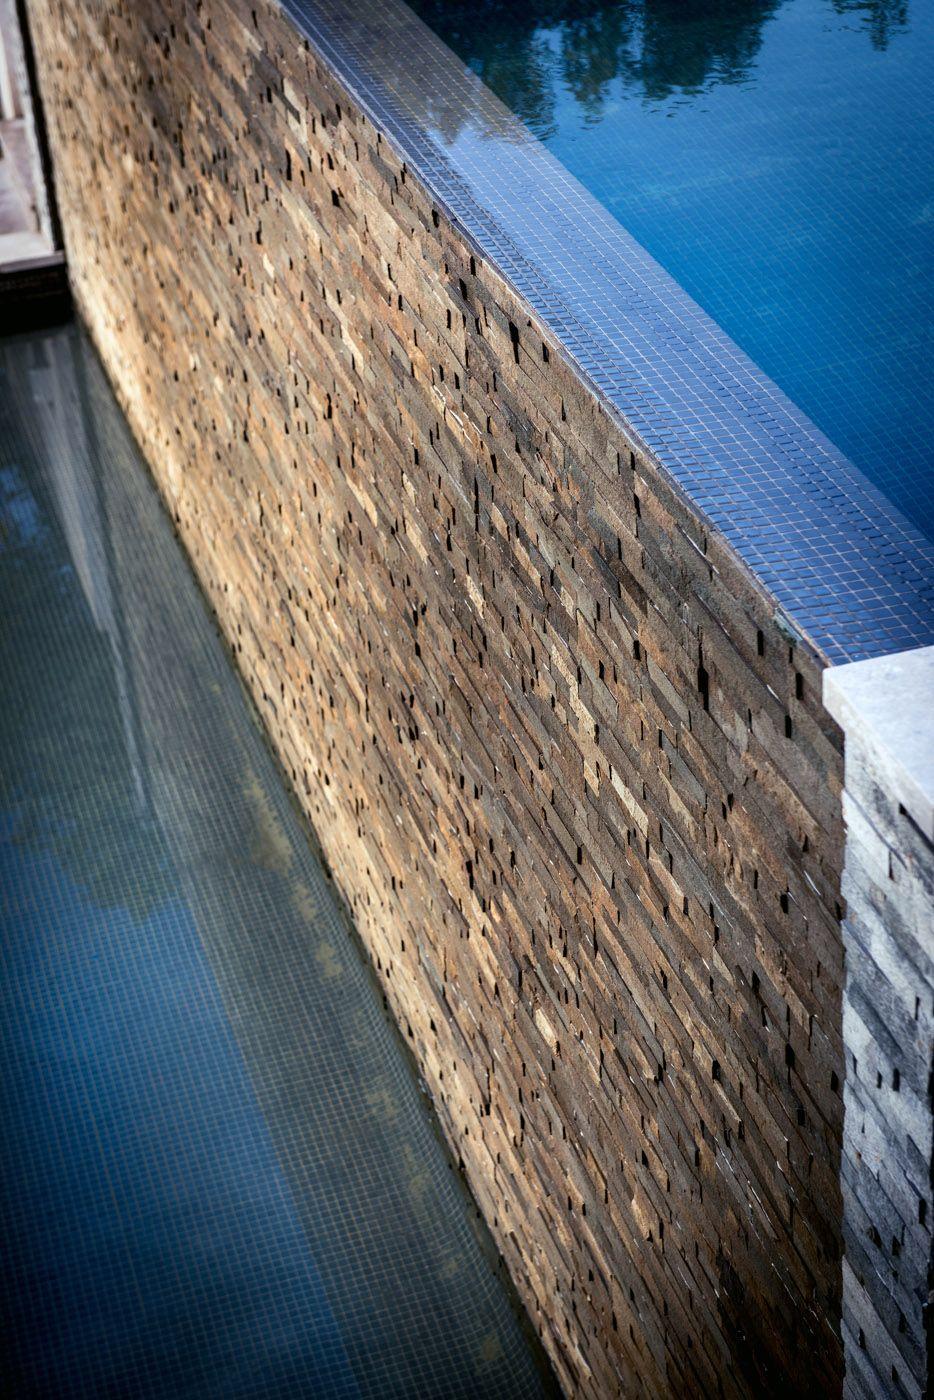 piscine a déborderment, mur de pierre, jardin contemporain ...